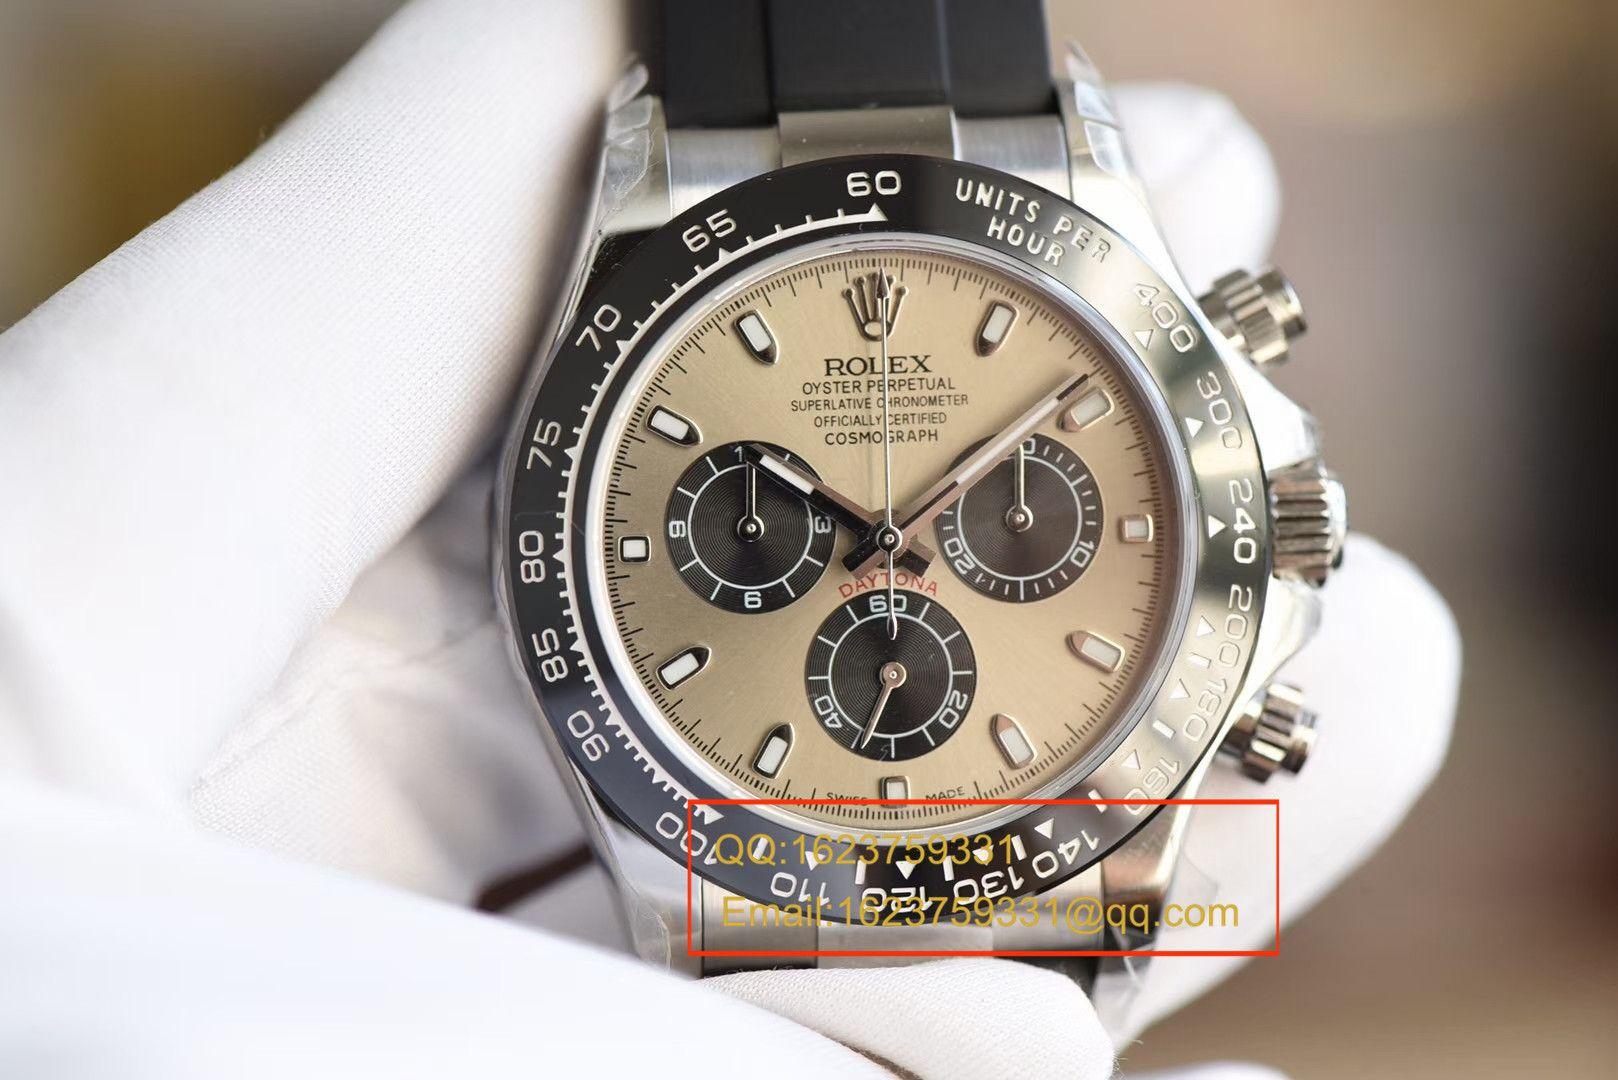 【独家视频评测台湾一比一超A高仿手表】劳力士宇宙计型迪通拿系列M116519ln-0024腕表 / RBB191